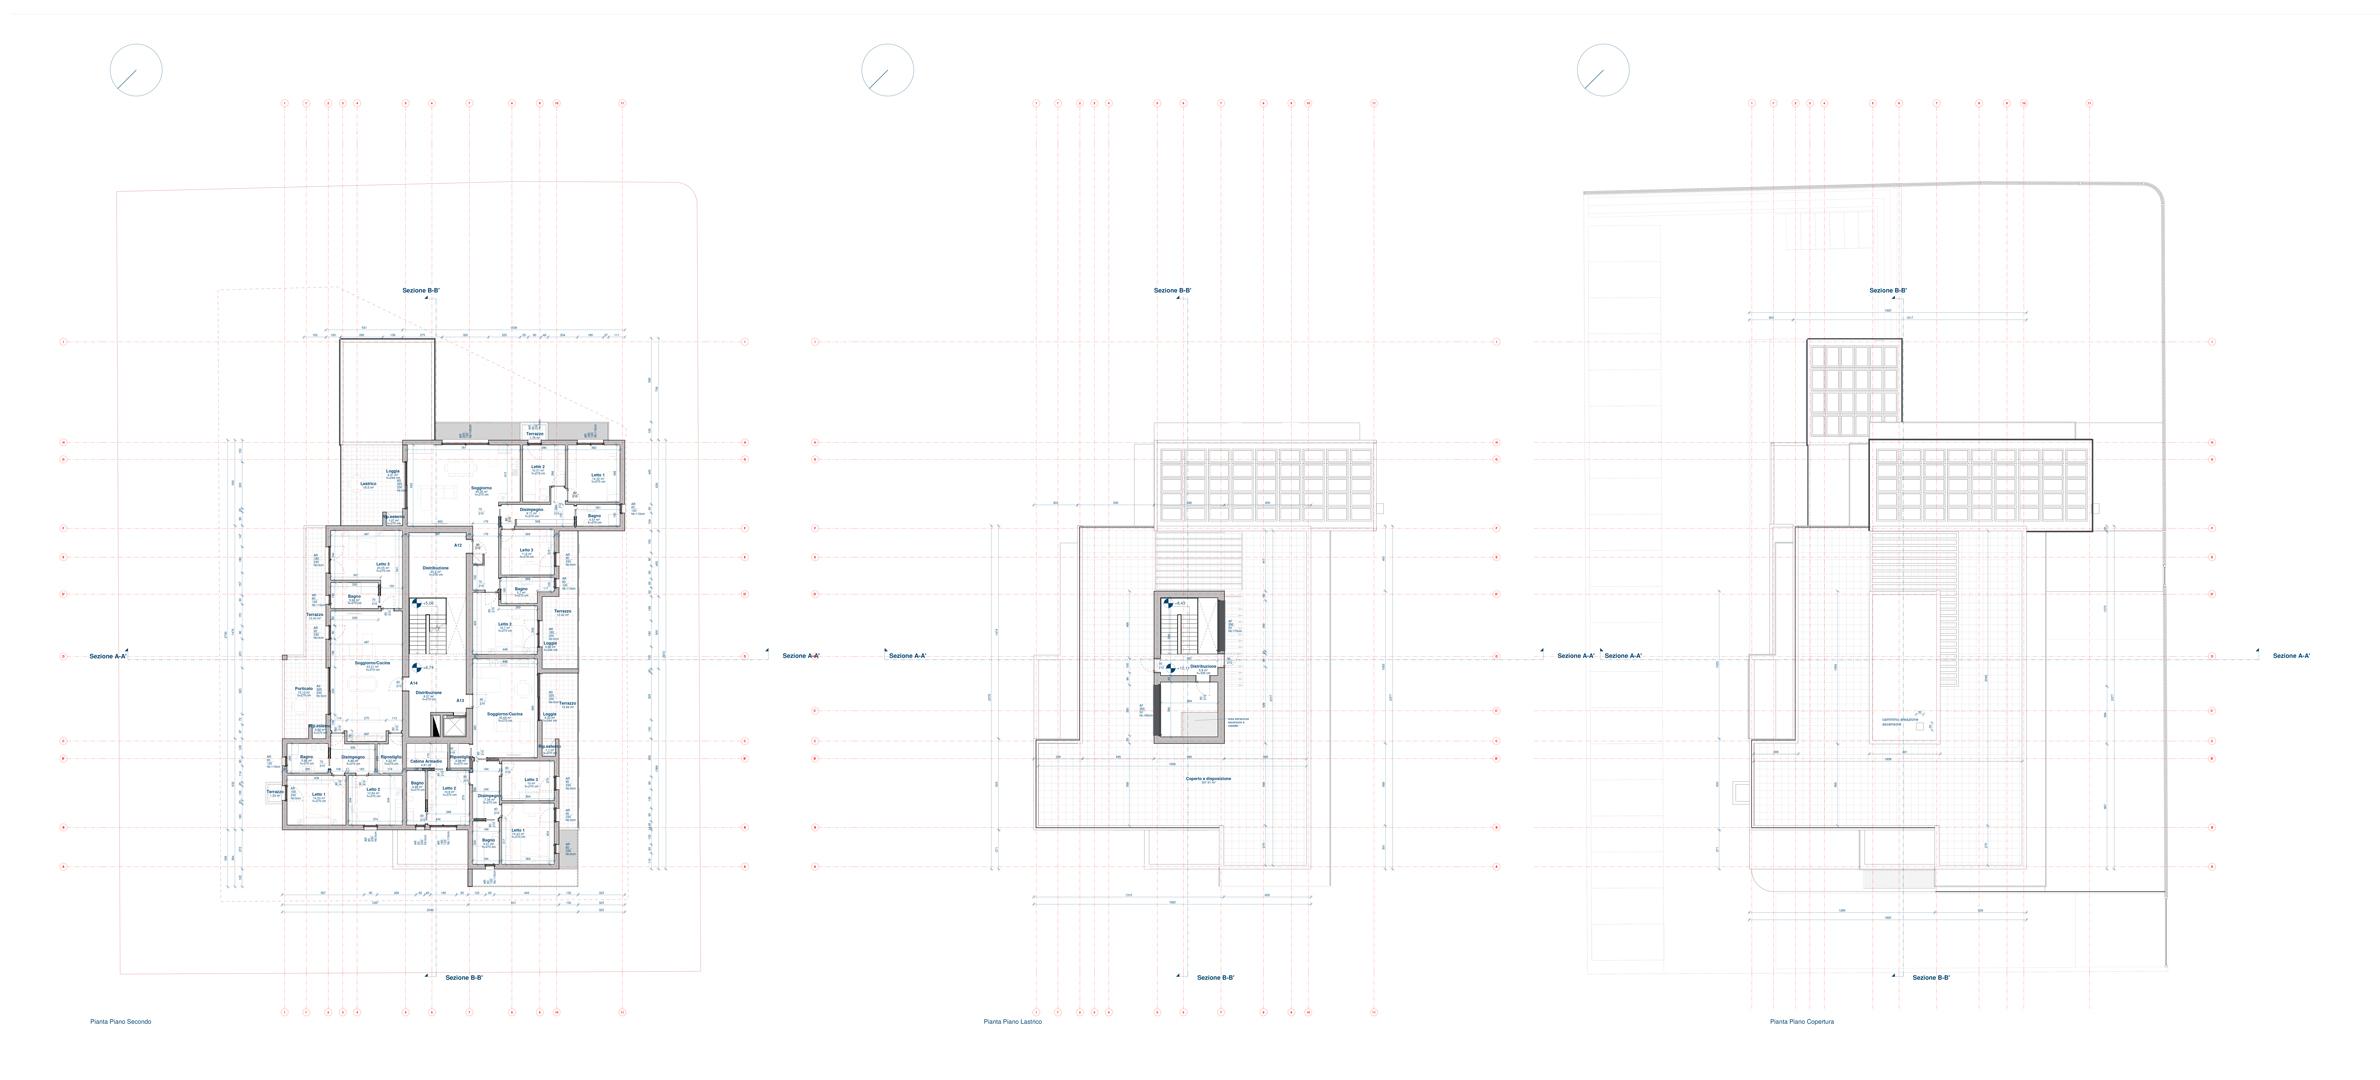 Lotto-12_Castenaso---Progetto-definitivo-2